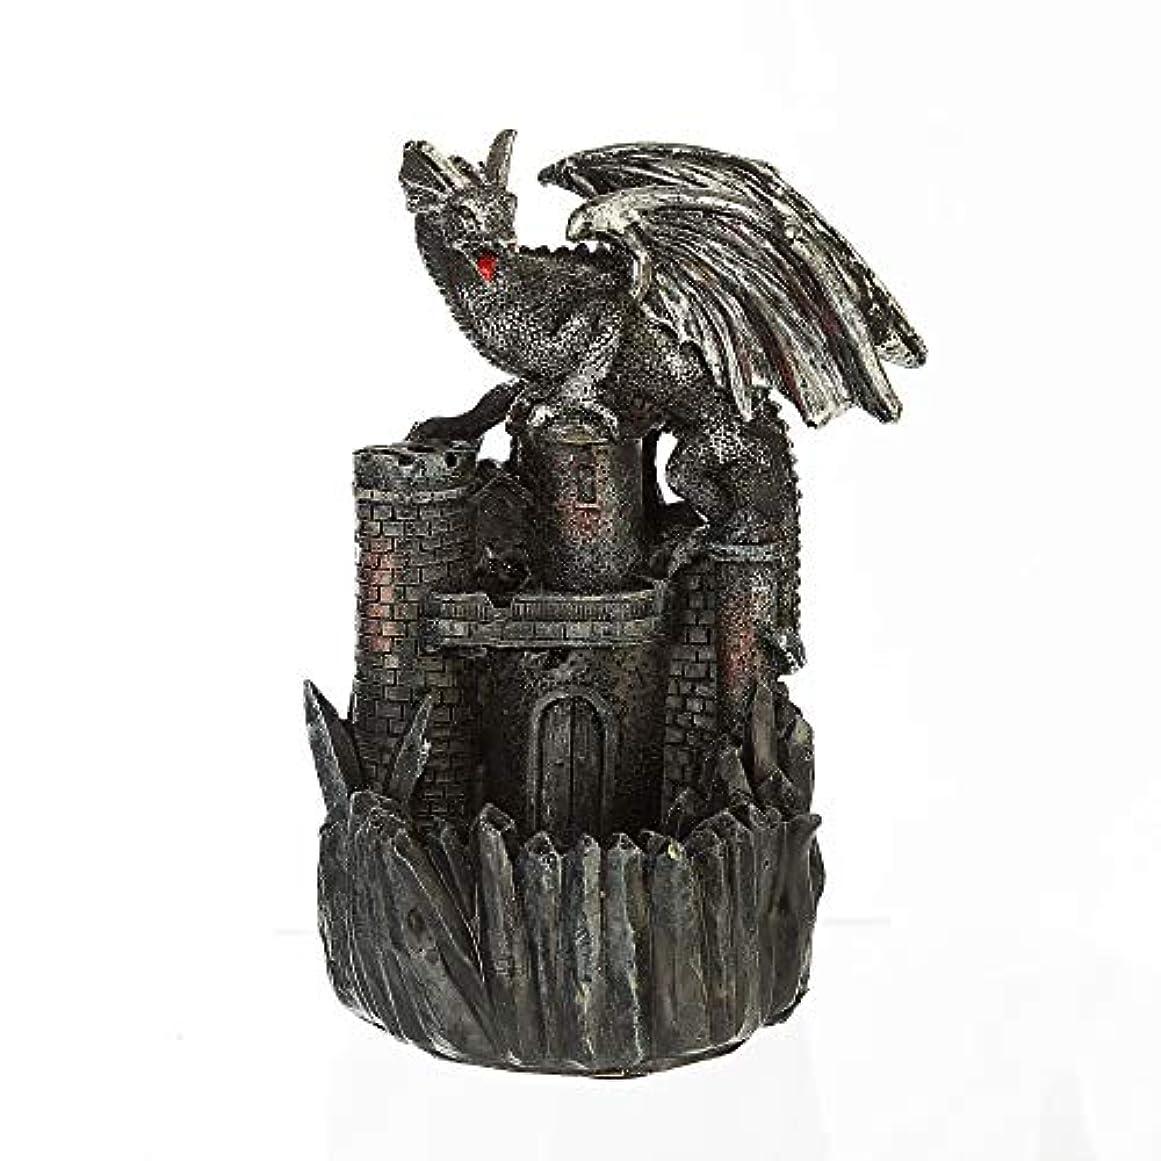 クッションシダいらいらさせる滝香スティックホームデコレーション像飾り手作りギフト置物ドラゴンクリエイティブ香11.5 * 10 * 11センチ